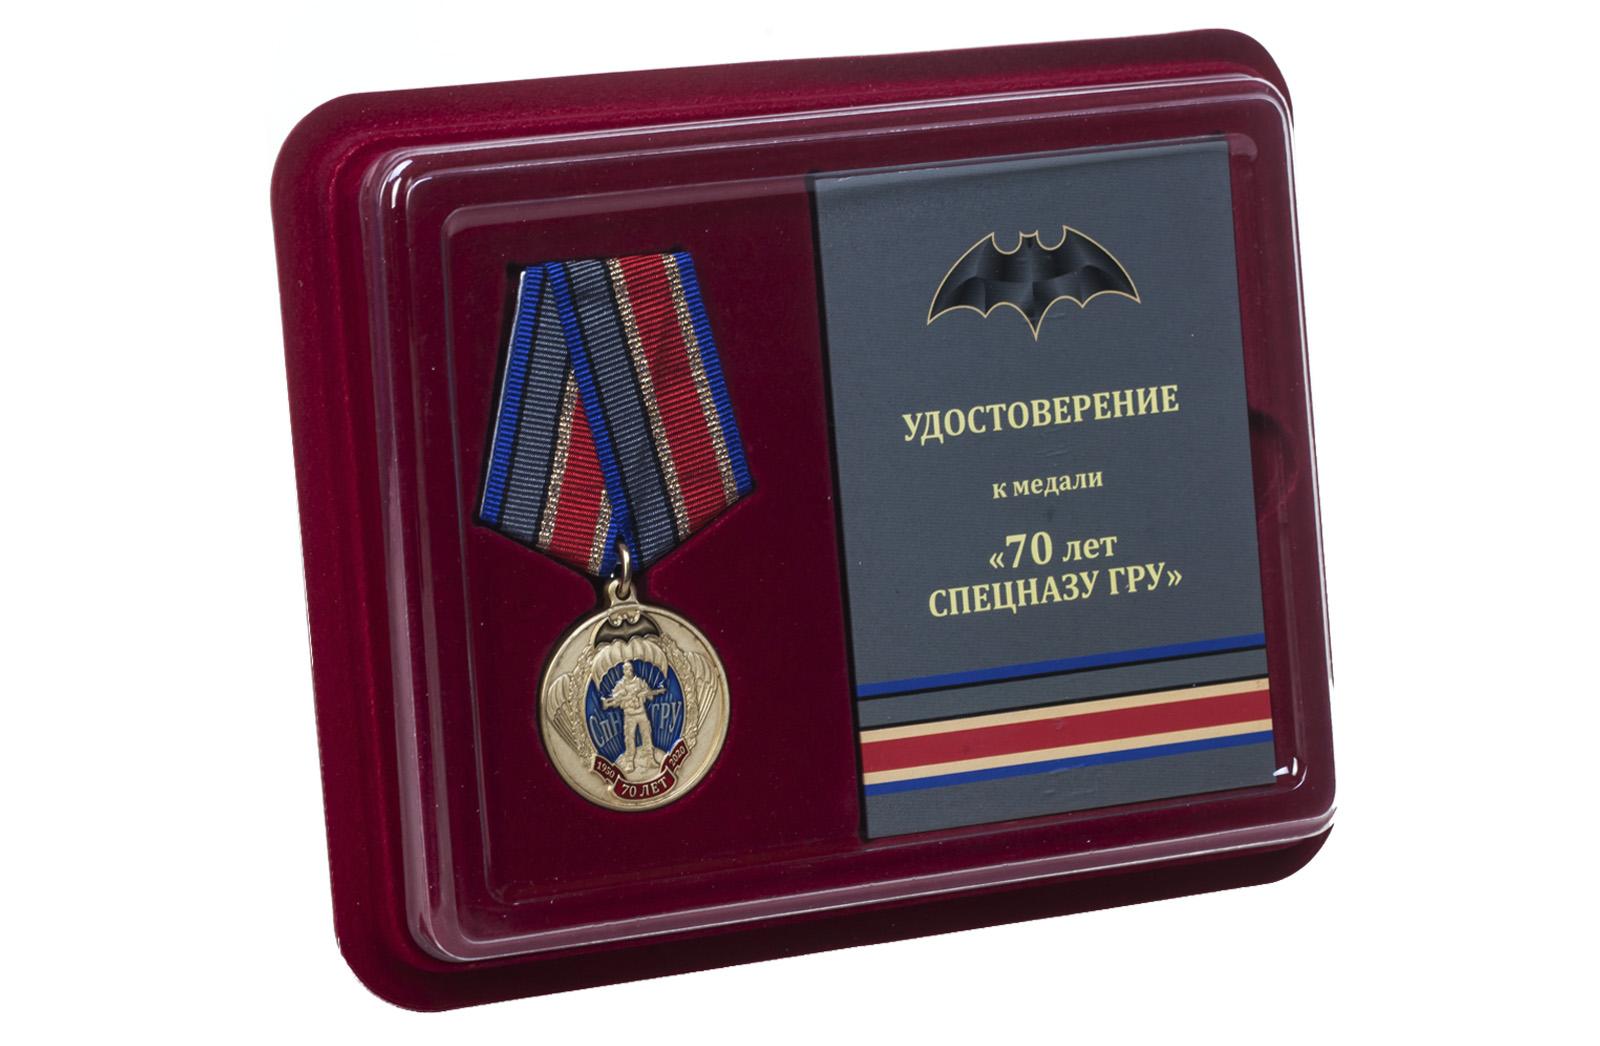 Купить памятную медаль 70 лет СпН ГРУ оптом или в розницу